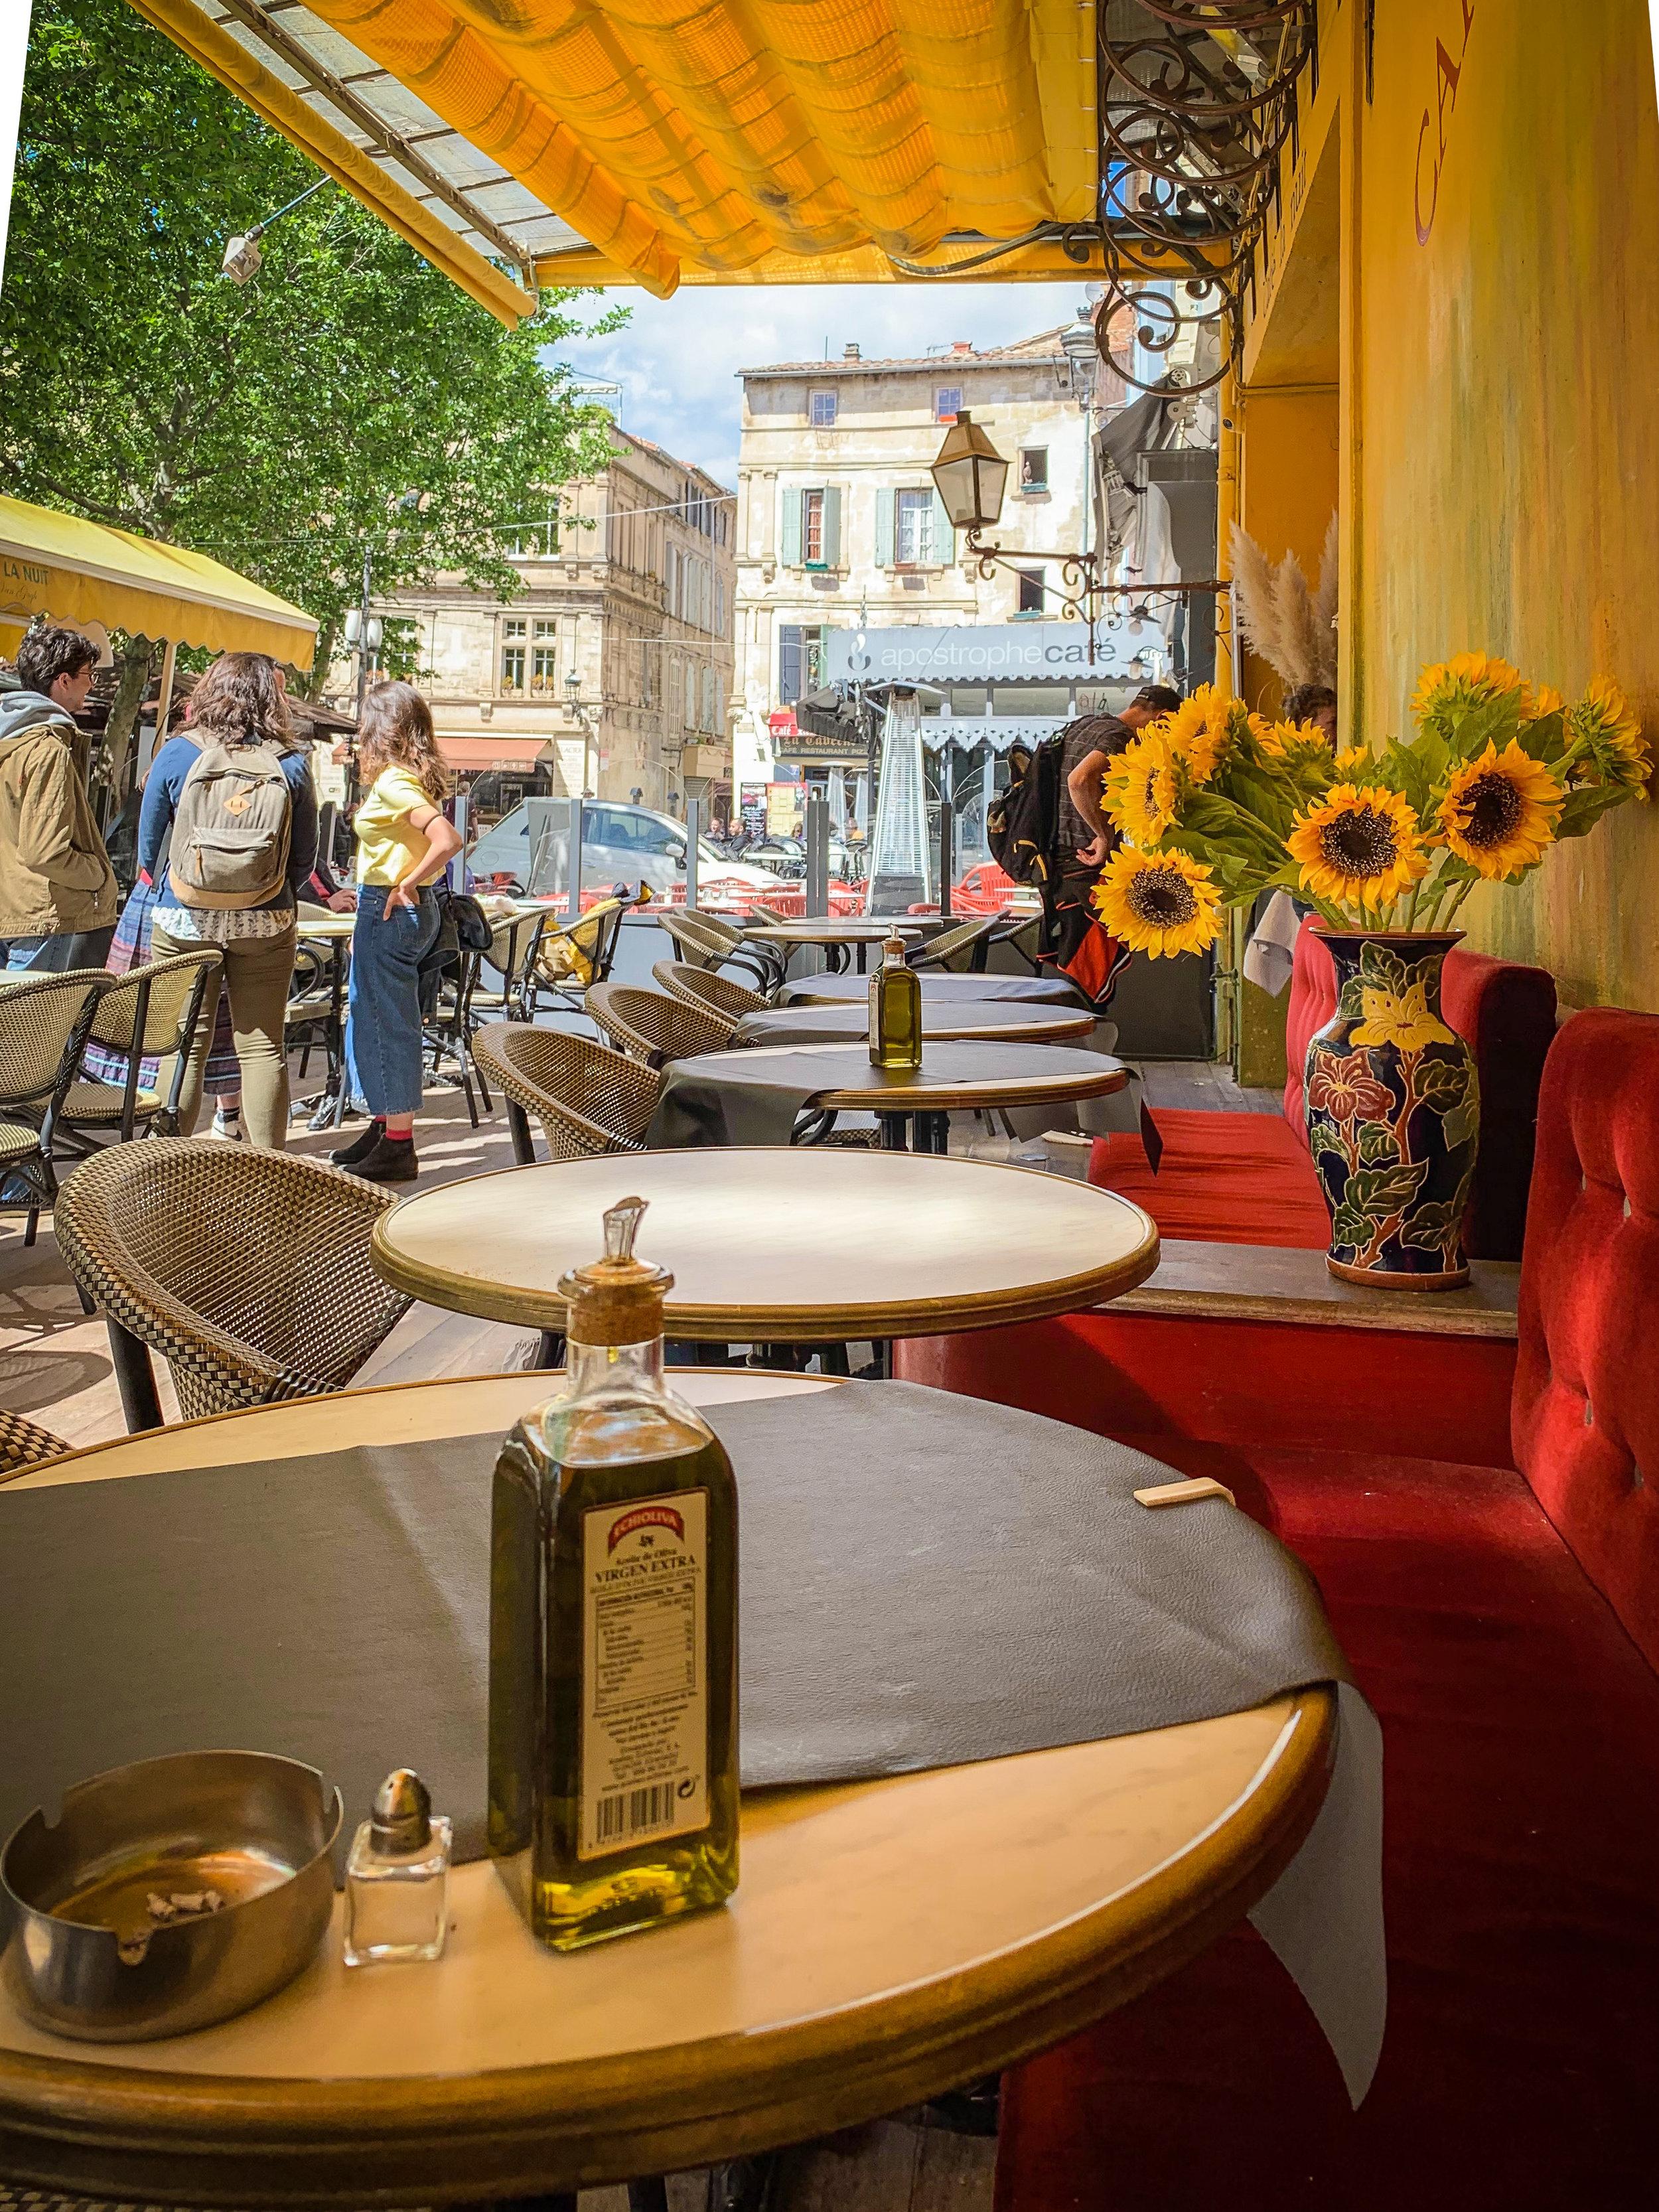 Le Café Van Gogh, Arles, France